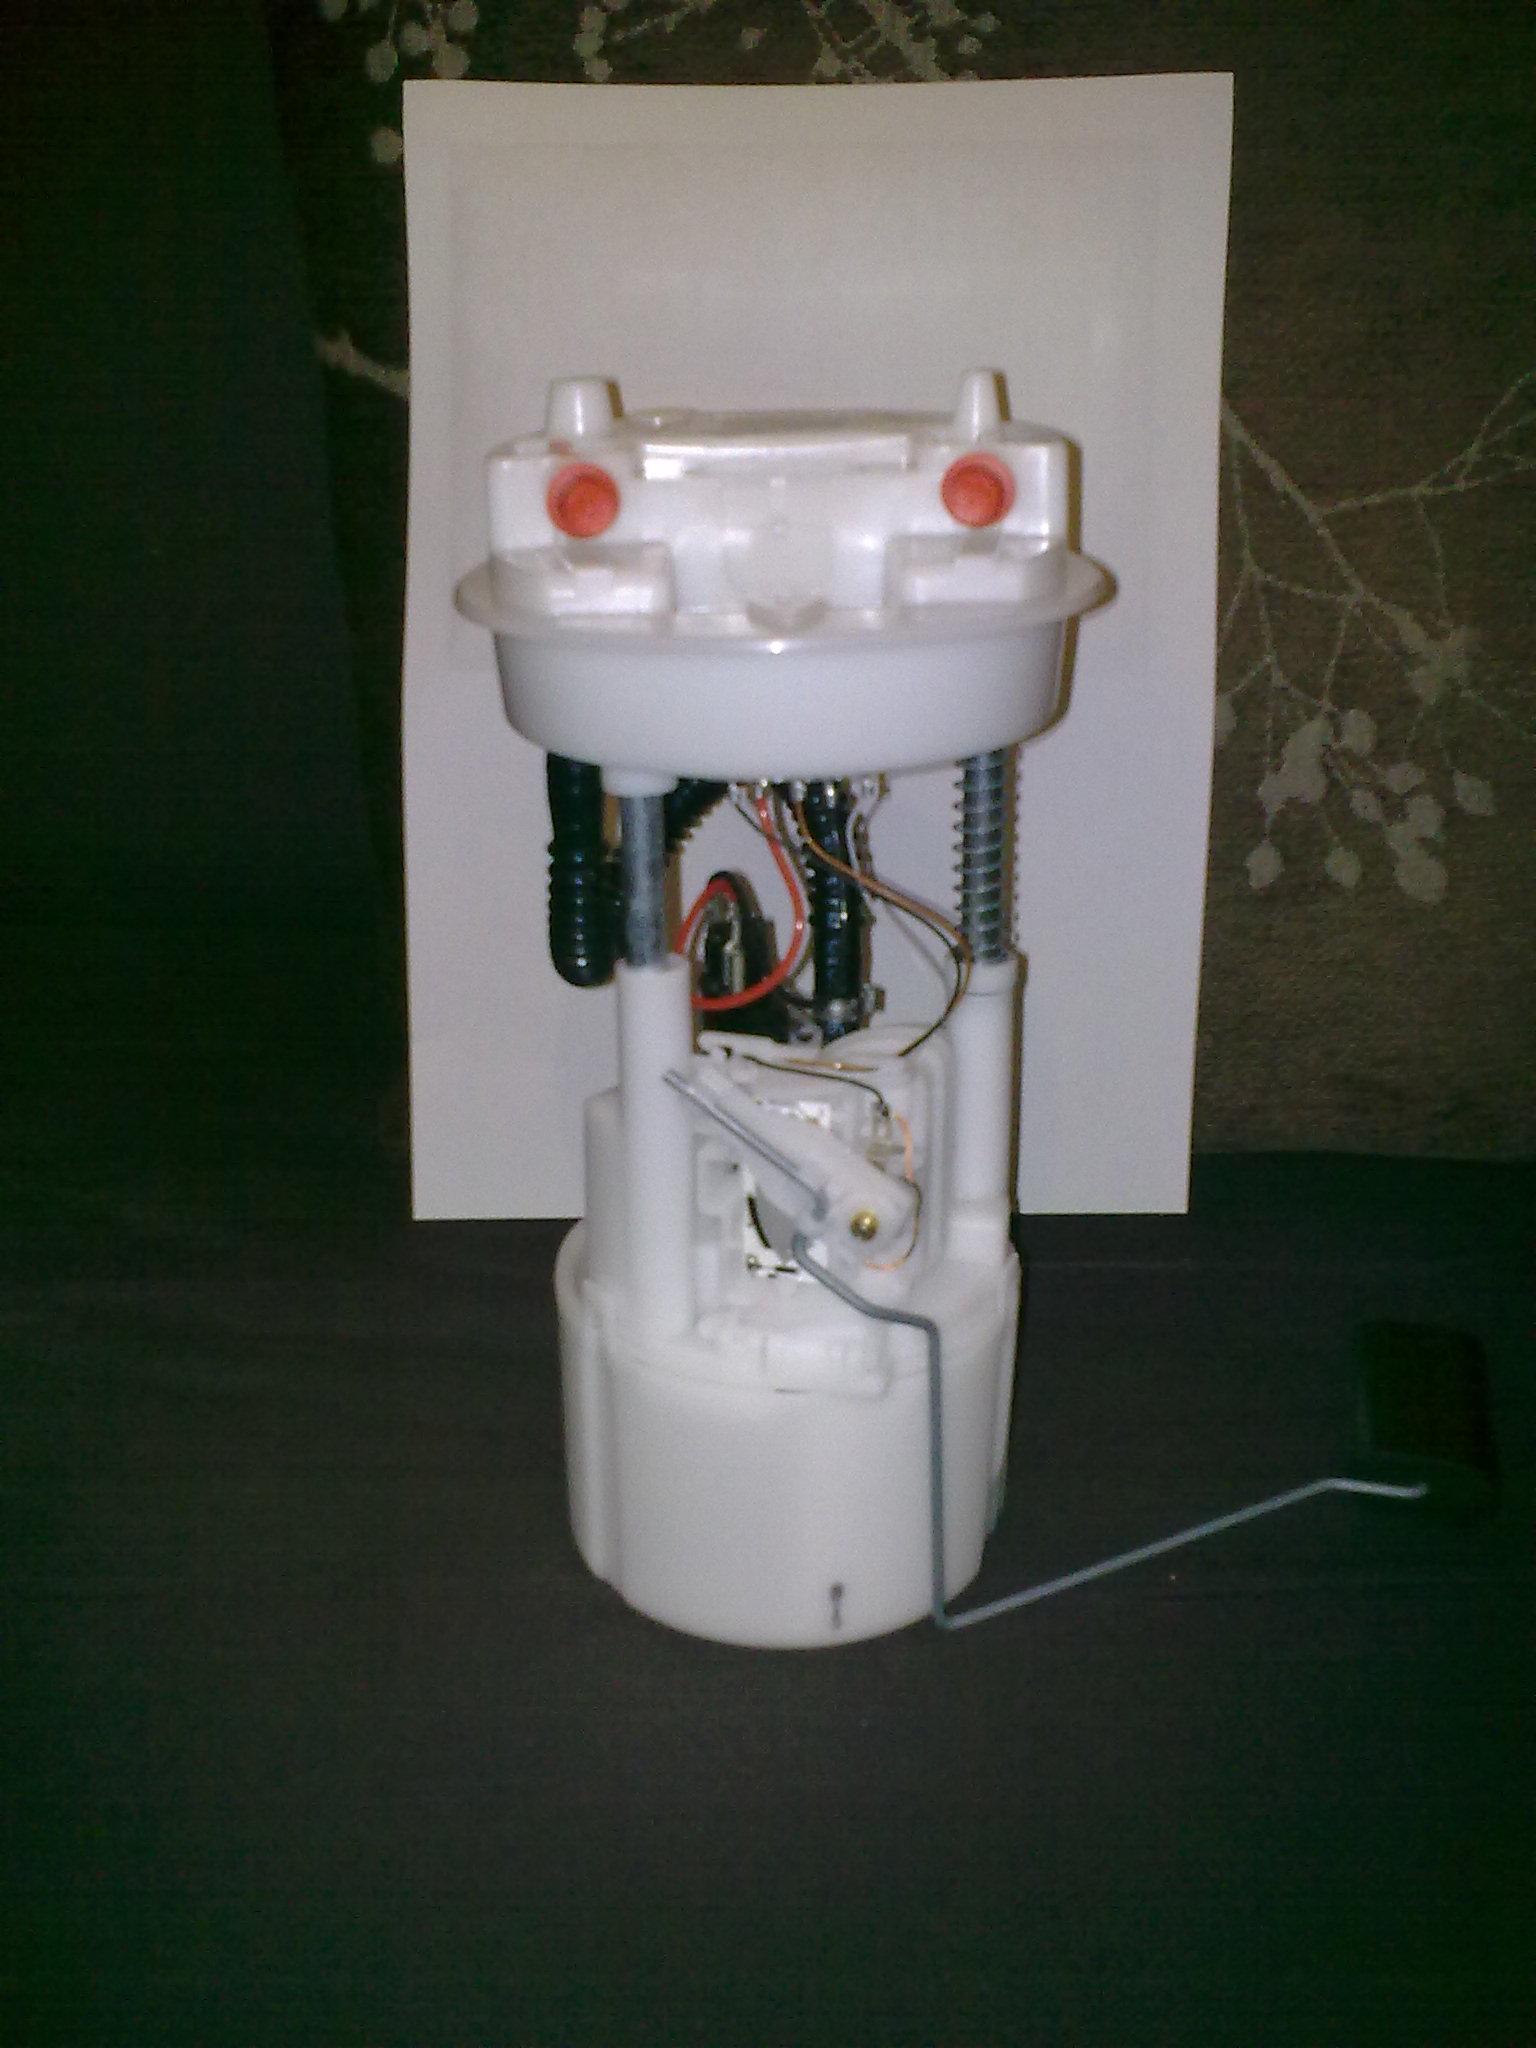 In tank fulel pump with built in swirl pot